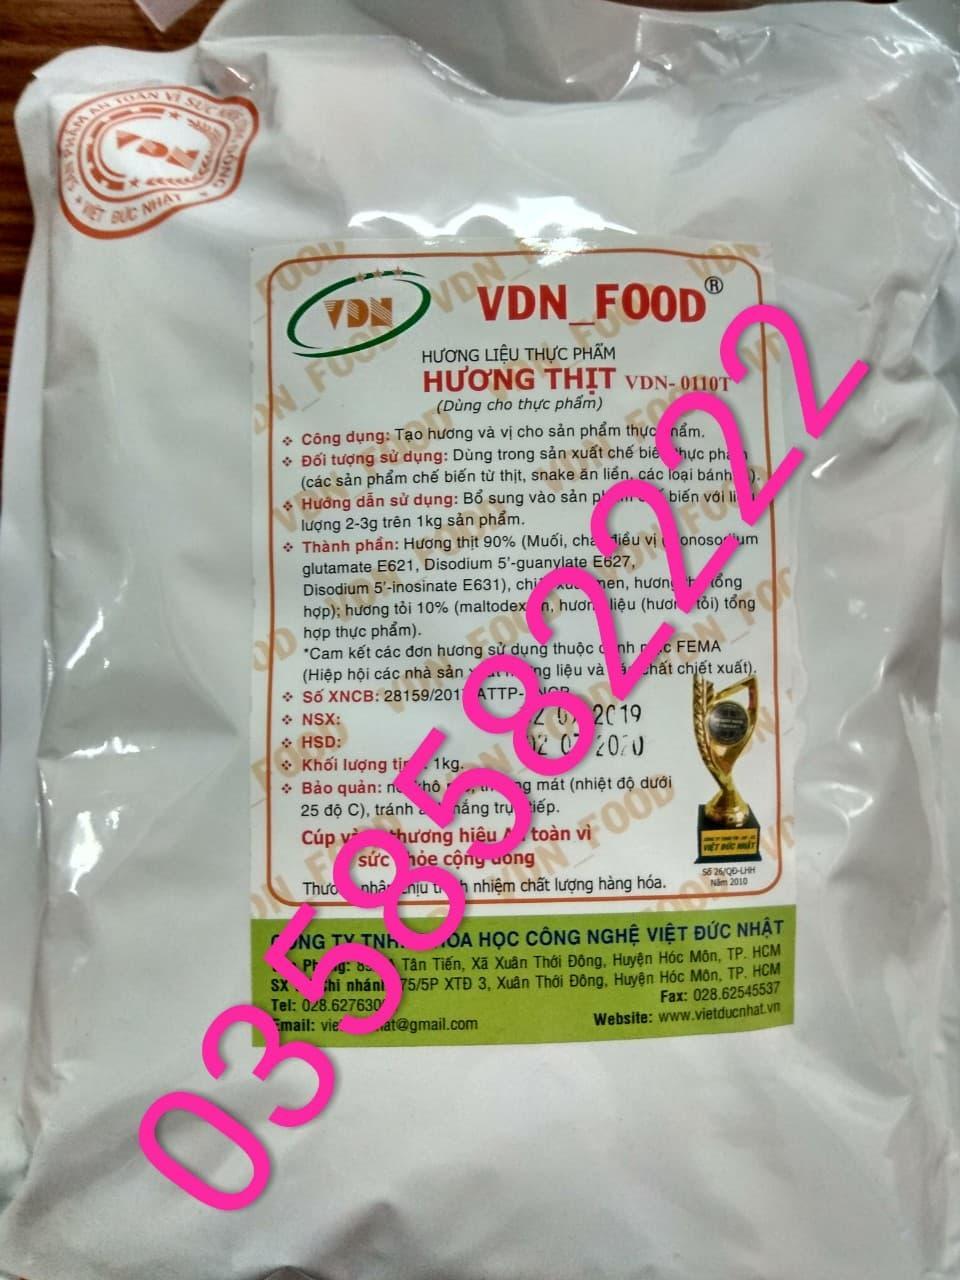 [HCM]Phụ gia thực phẩm An ToànHương Thực Phẩm dùng trong chế biến Giò Chả Jambong Giò Me Thịt Nguội Hương Giò ChảHương Thịt Bột 0110T Việt Đức Nhật